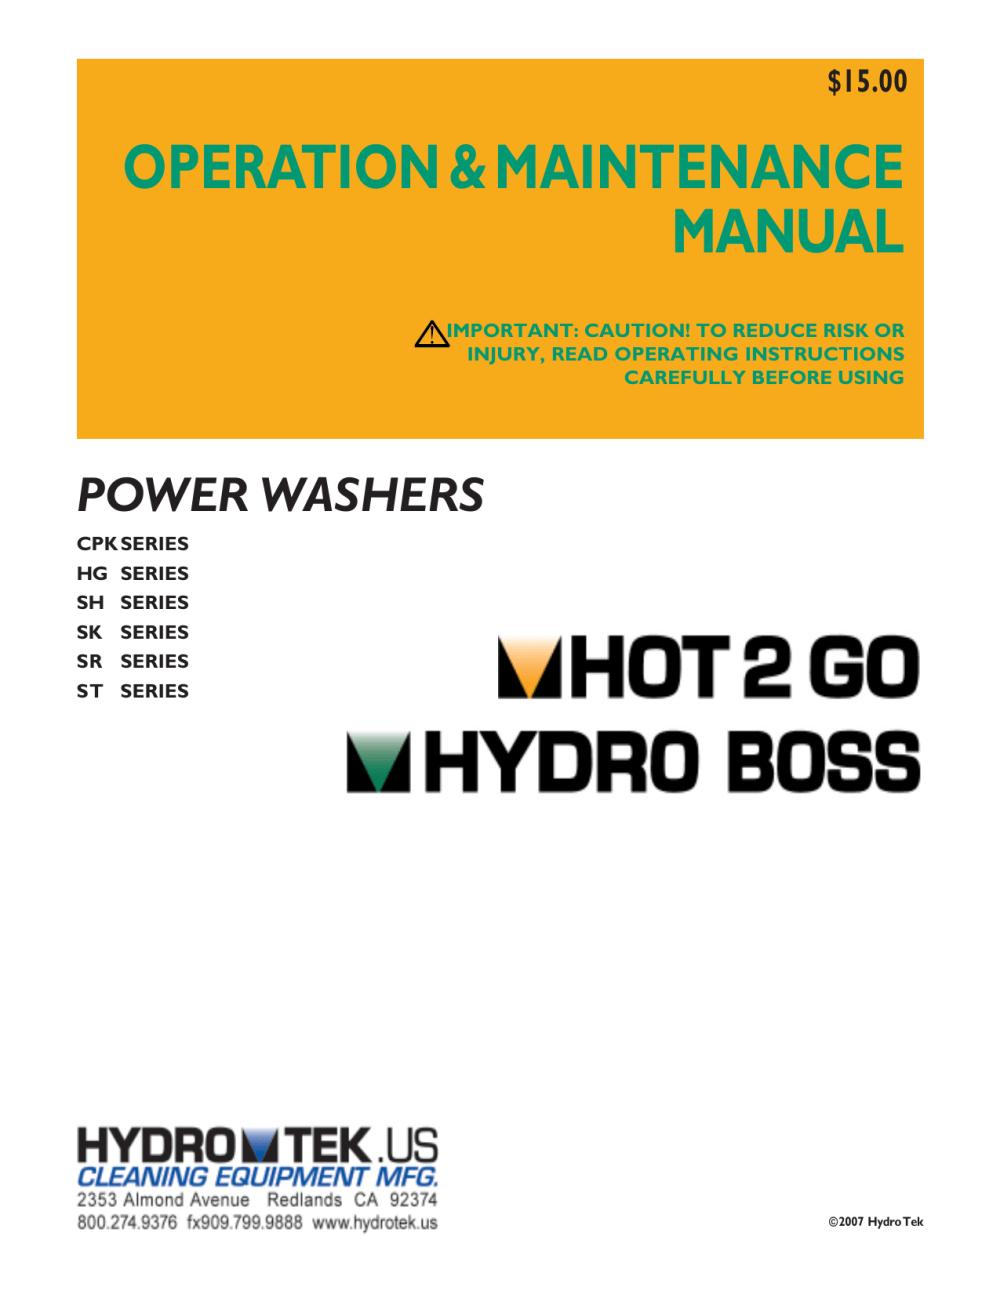 medium resolution of manual hot 2 go hydro boss vpro p65